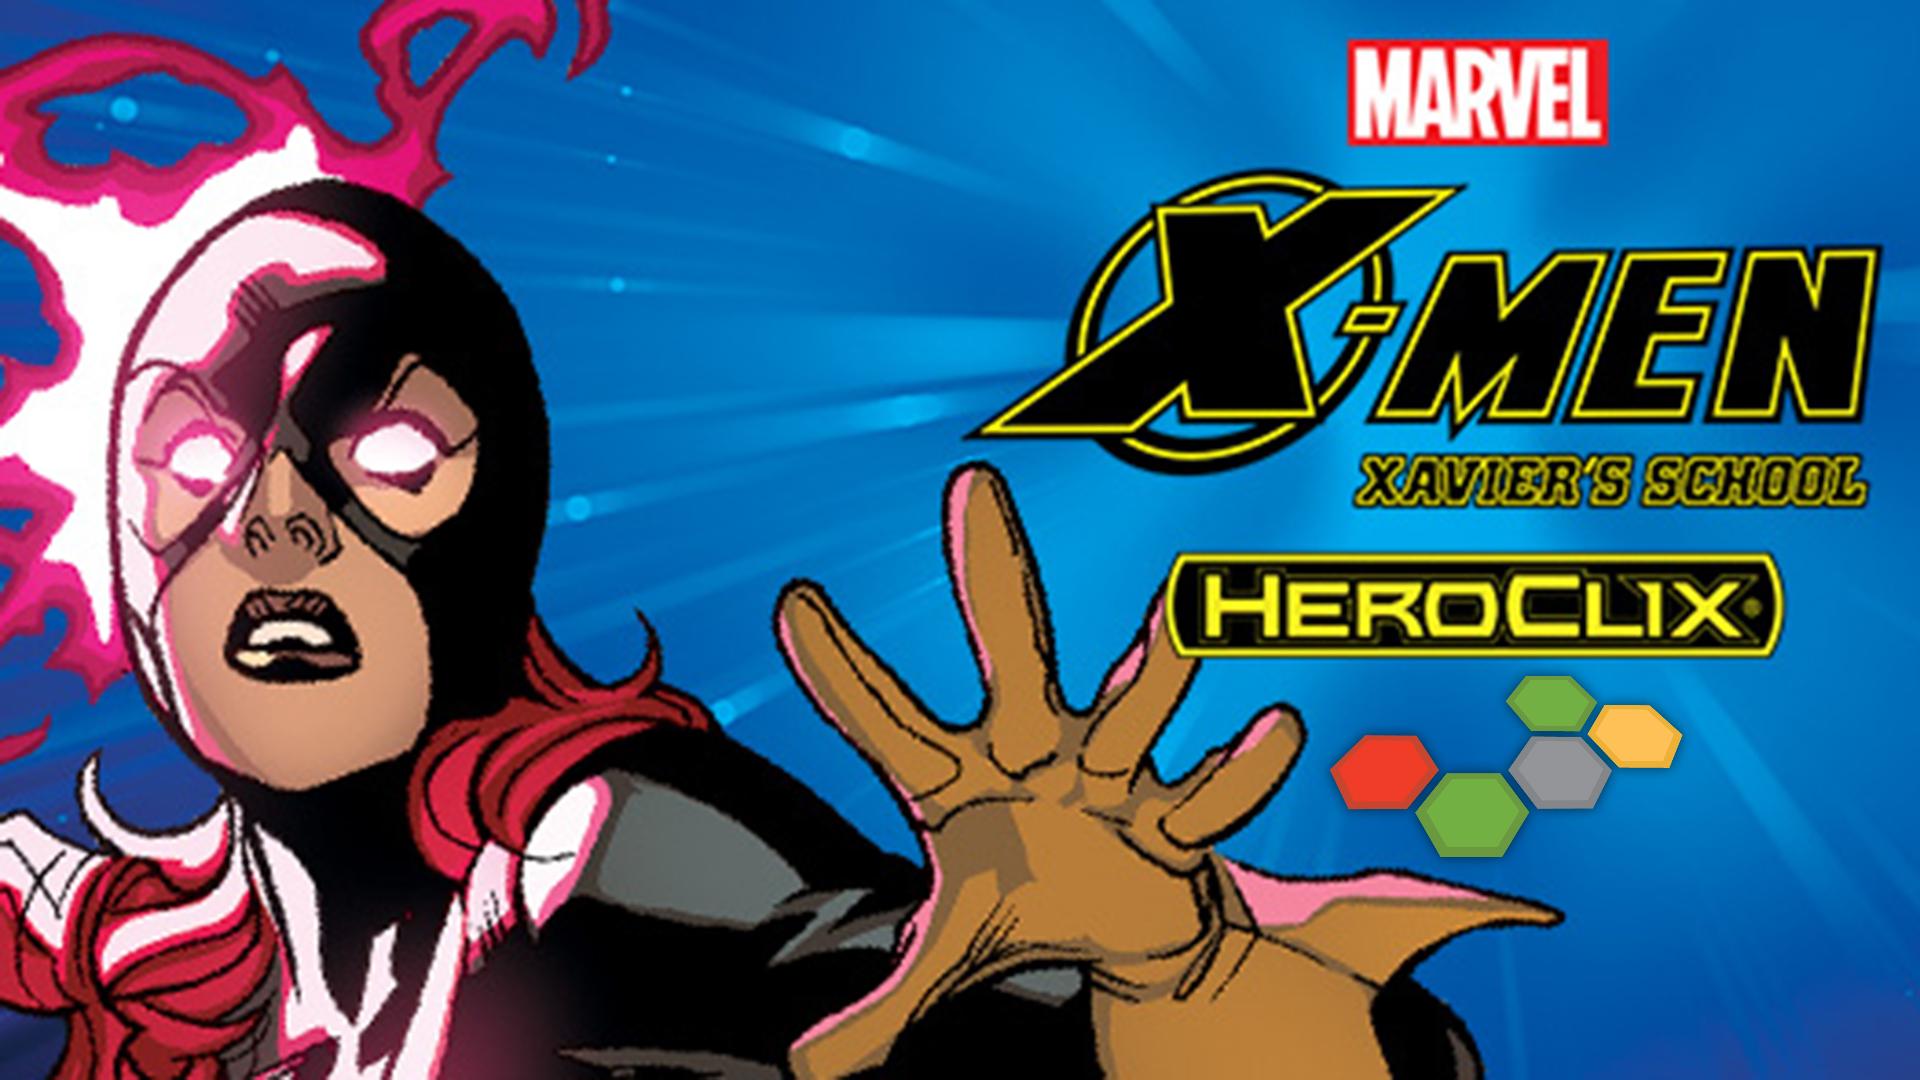 Heroclix Xaviers School Event Image.jpg